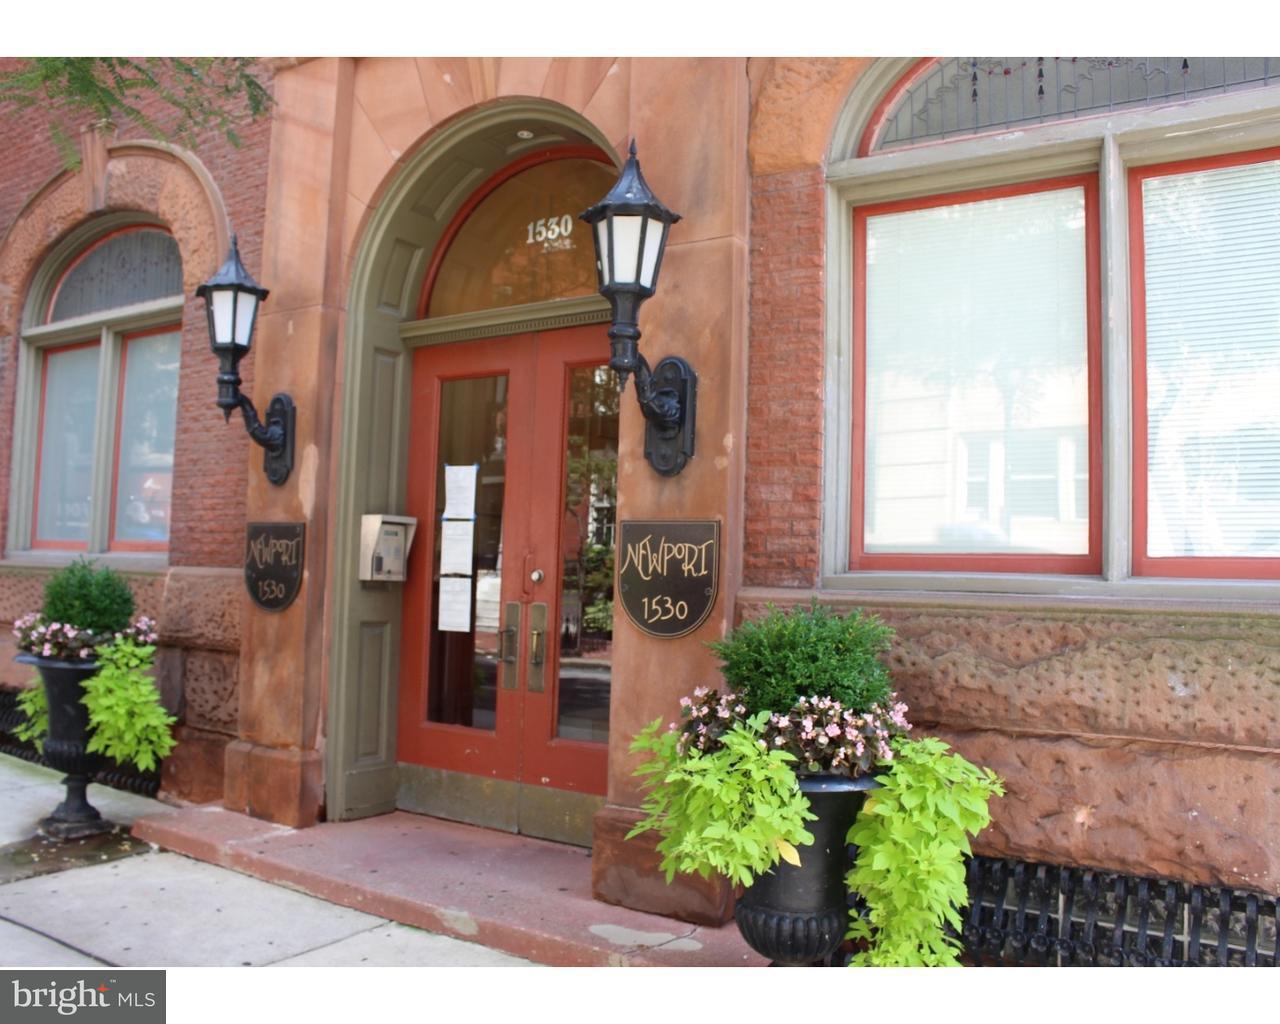 独户住宅 为 出租 在 1530 SPRUCE ST #825 费城, 宾夕法尼亚州 19102 美国